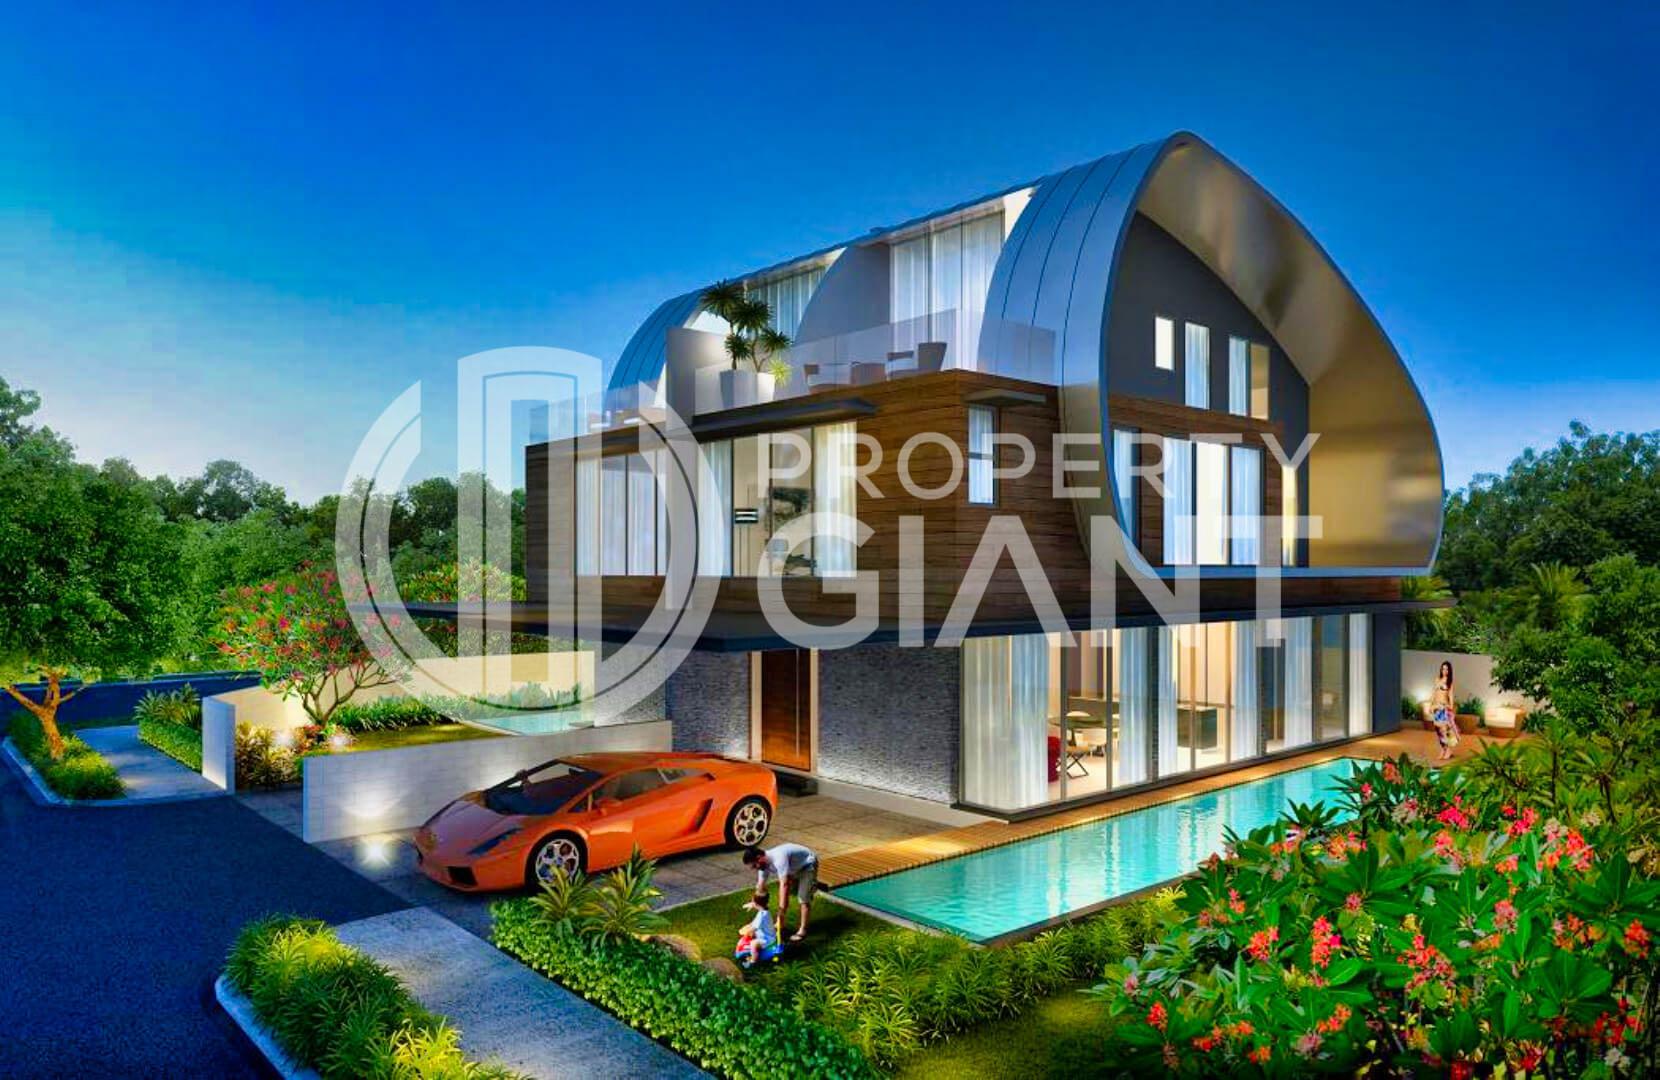 jalan jelita property giant